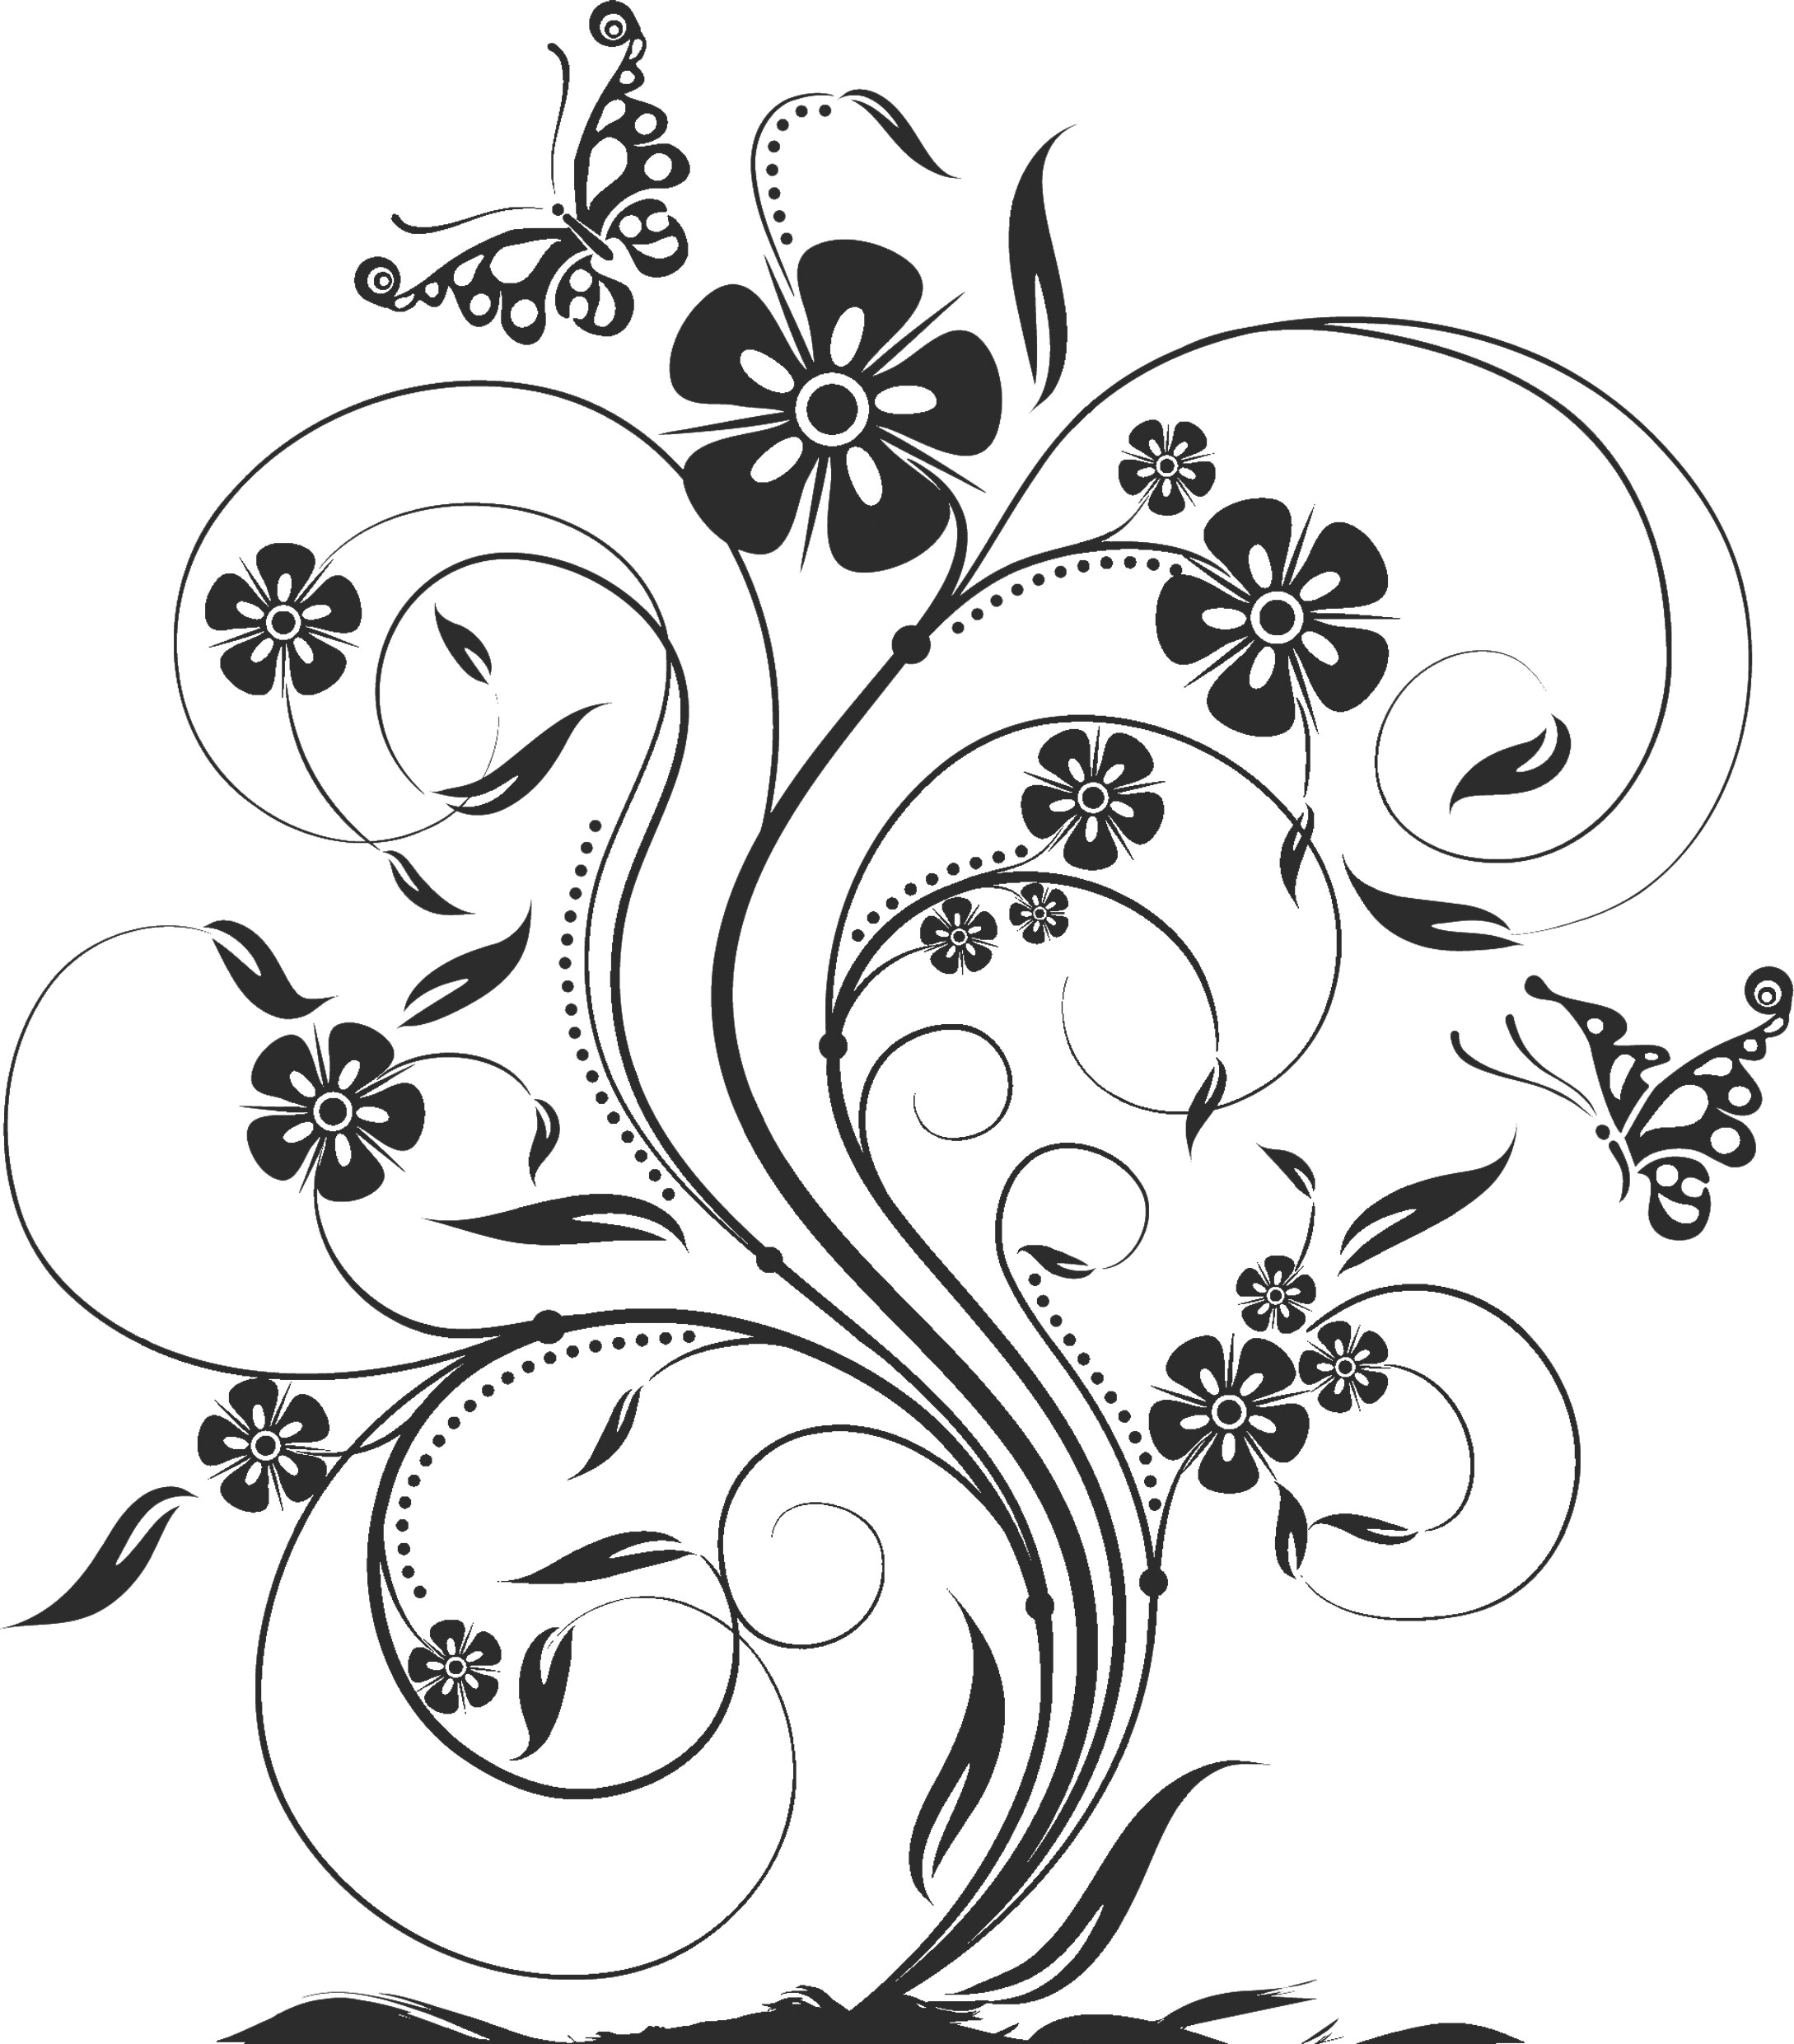 花のイラスト・フリー素材/白黒・モノクロno.483『白黒・茎葉・蝶』